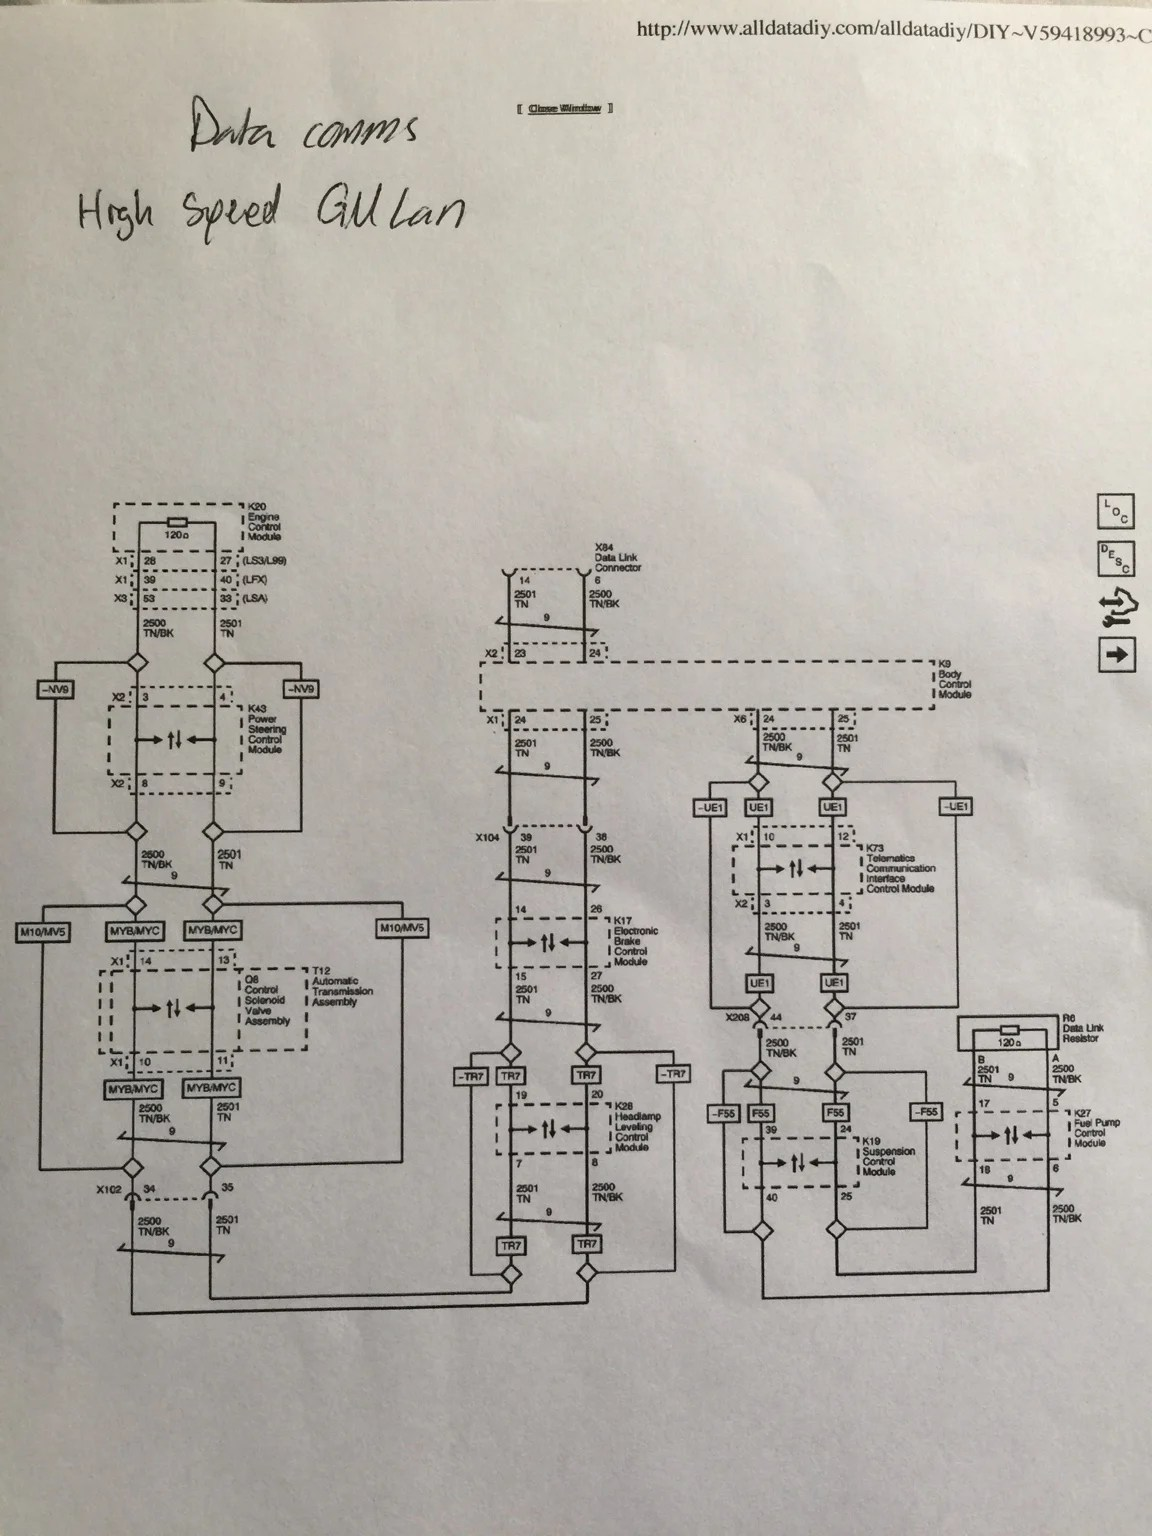 hight resolution of gm lan 29 wiring diagram wiring diagrams konsult gmlan 29 wiring diagram